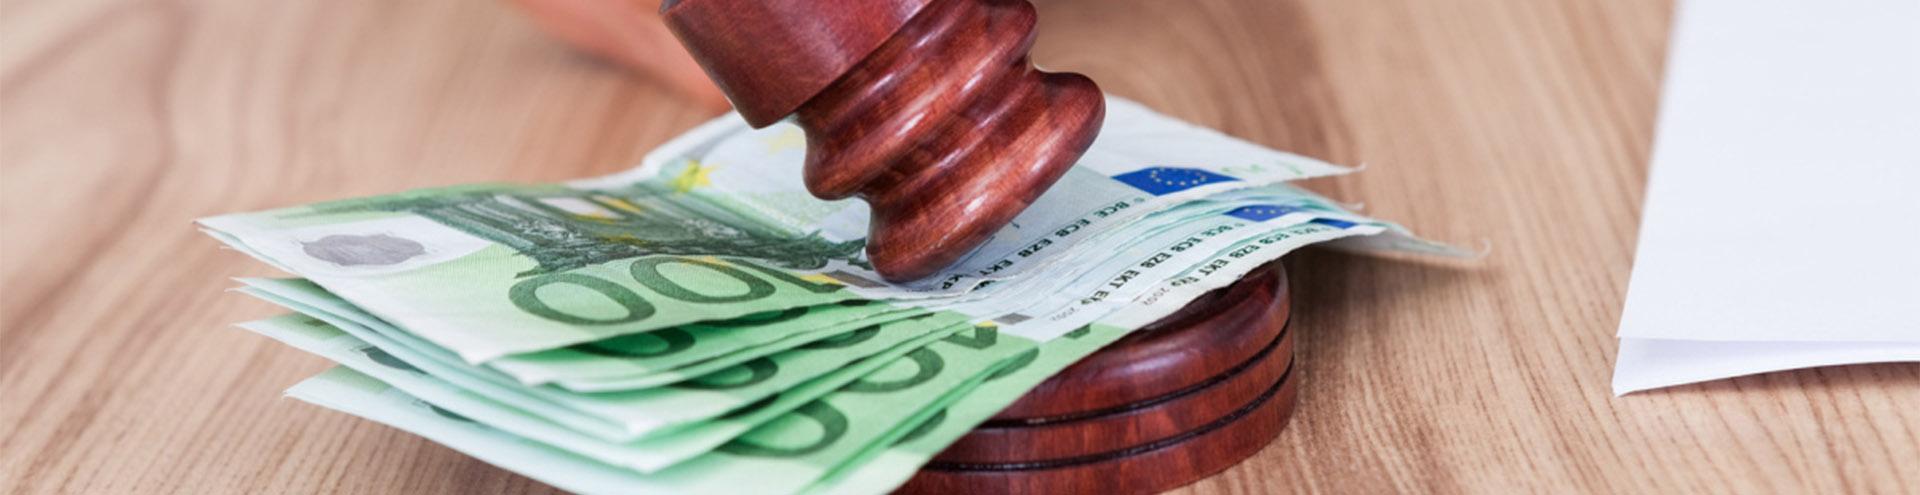 судебные расходы в Ярославле